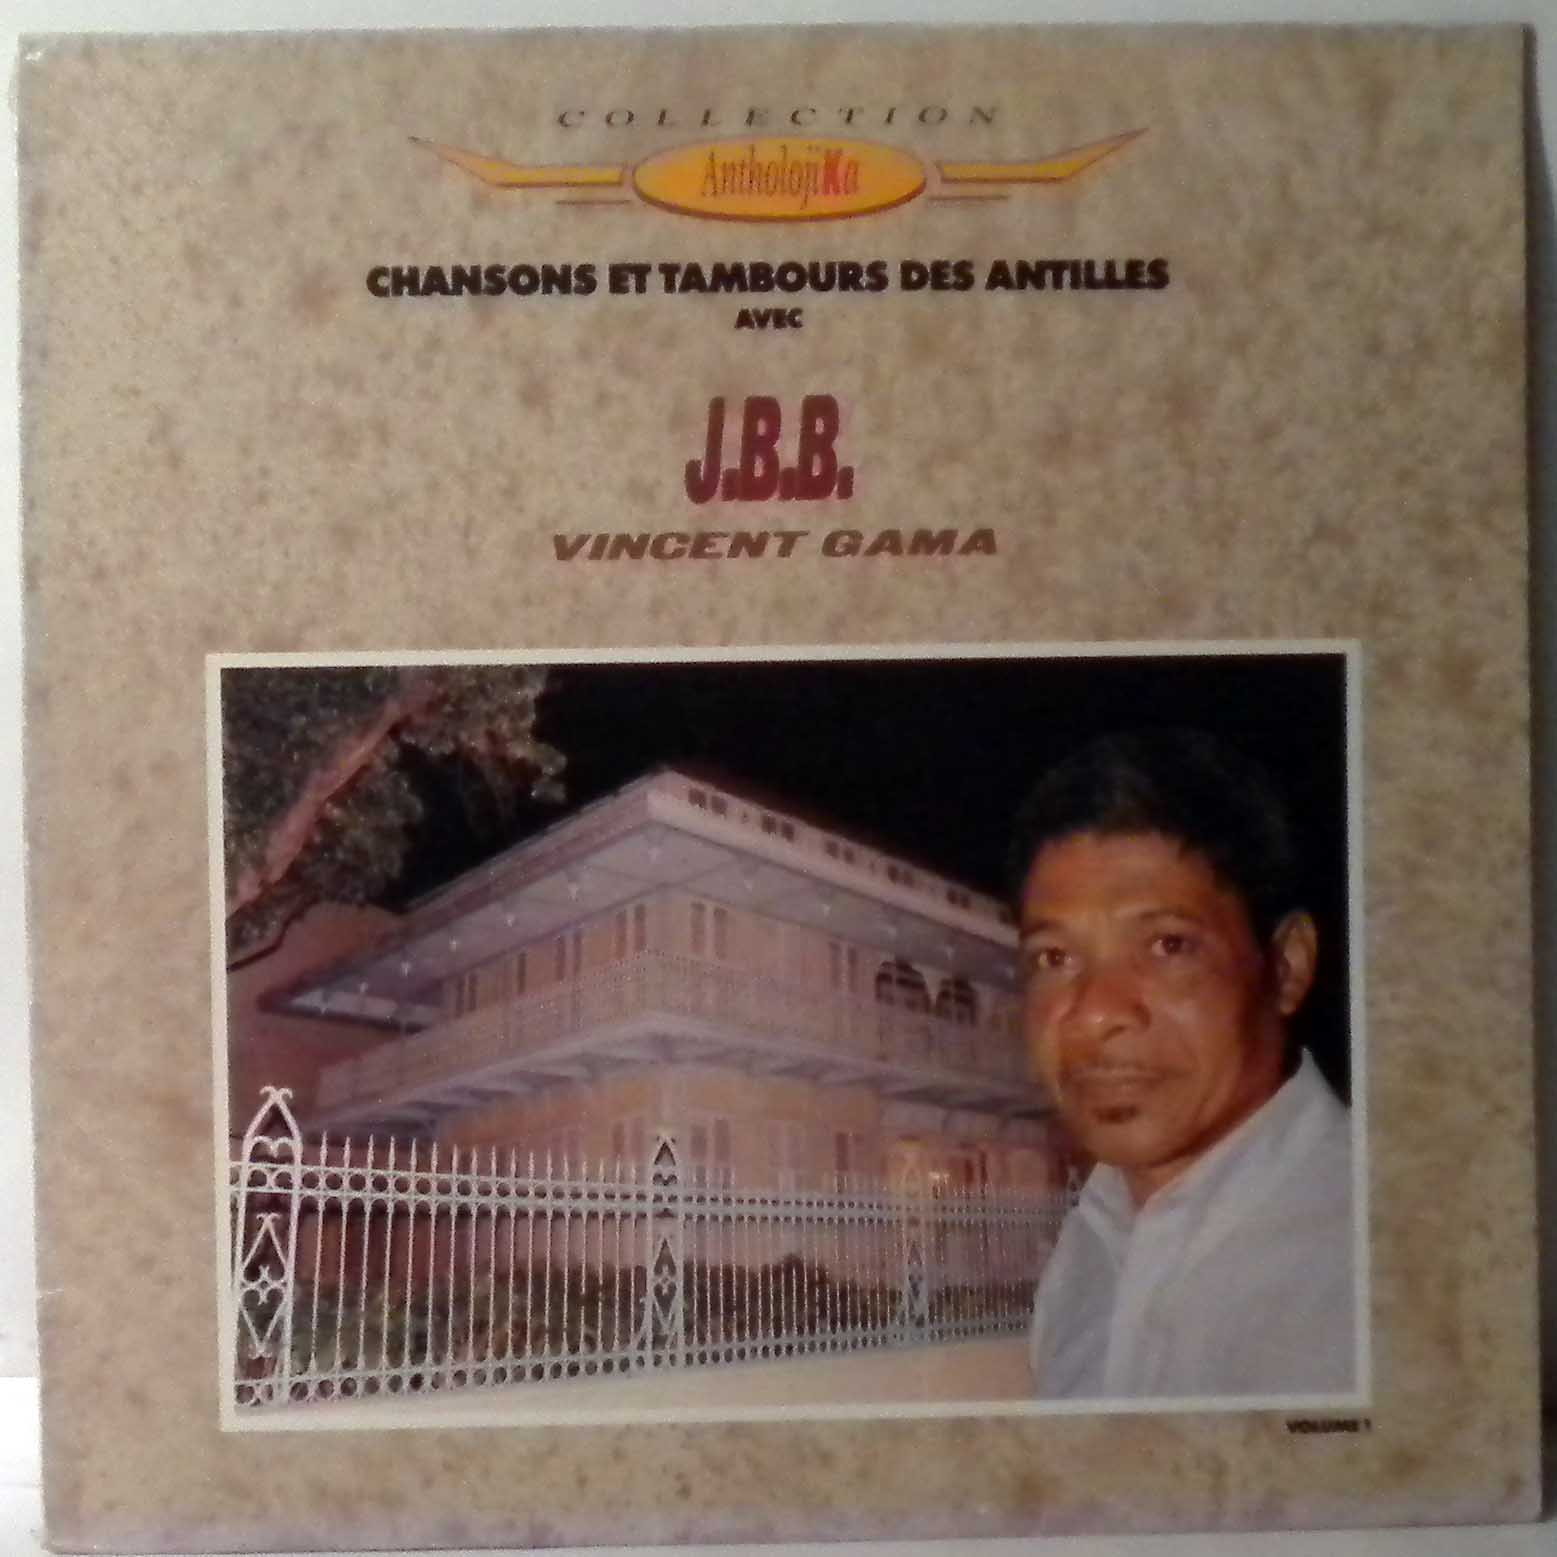 J.B.B. - Chansons et tambours des Antilles - 33T